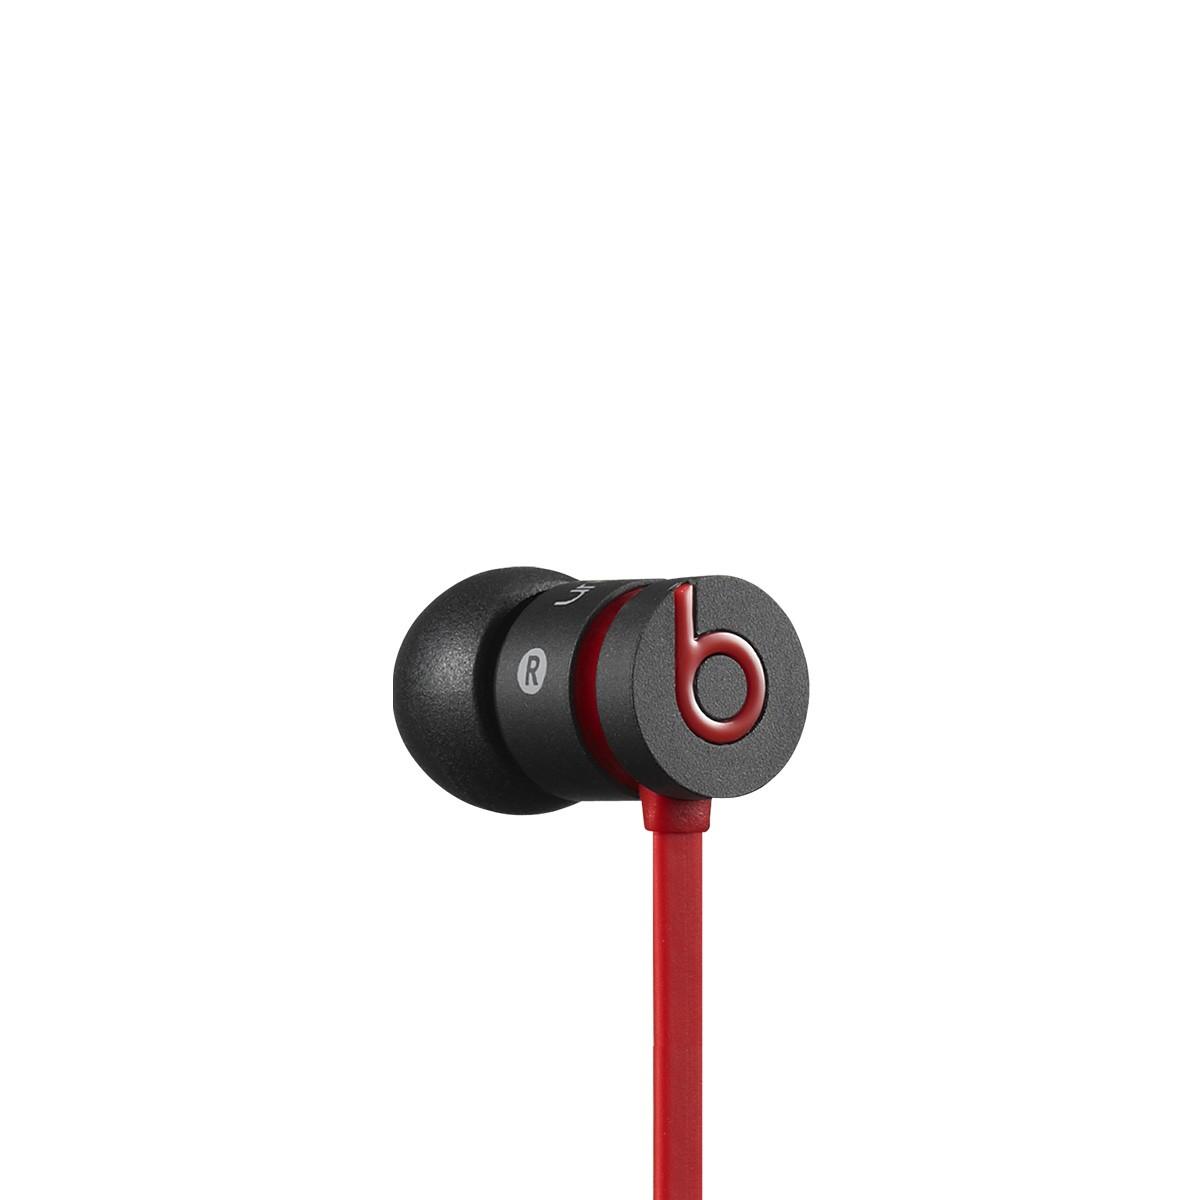 Beats urBeats 2 In-Ear Earphones - Matte Black